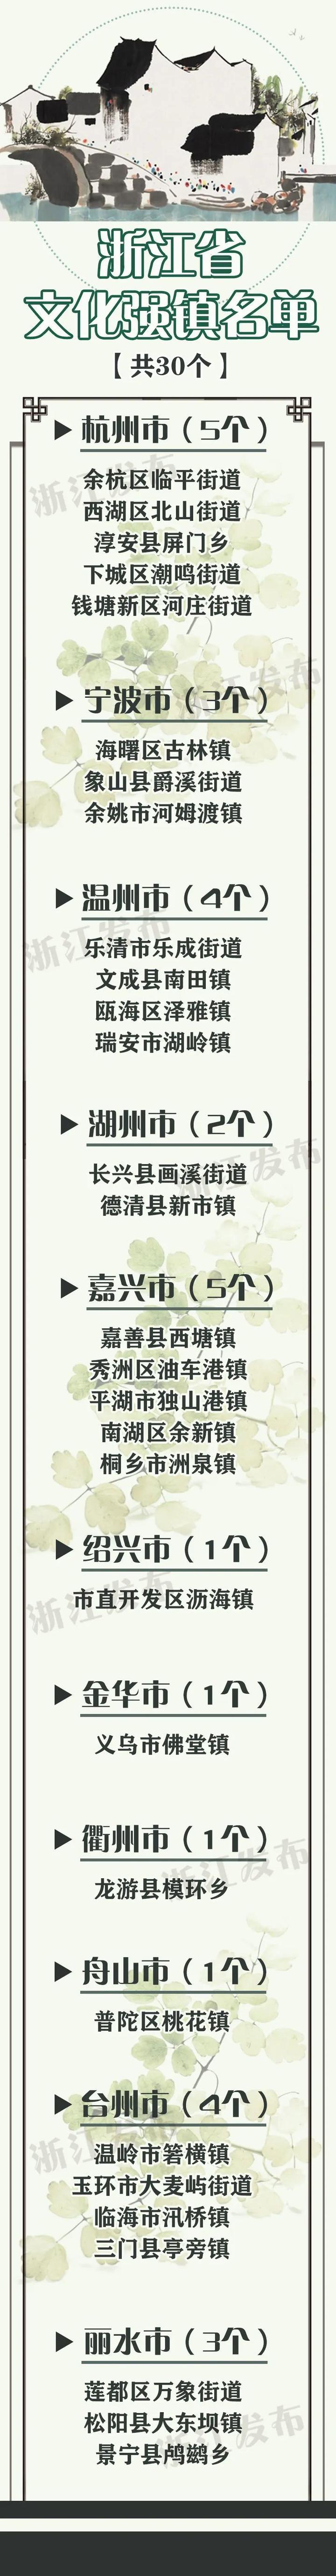 【浙江榜单】2019年度浙江省文化强镇名单30个乡镇(街道)